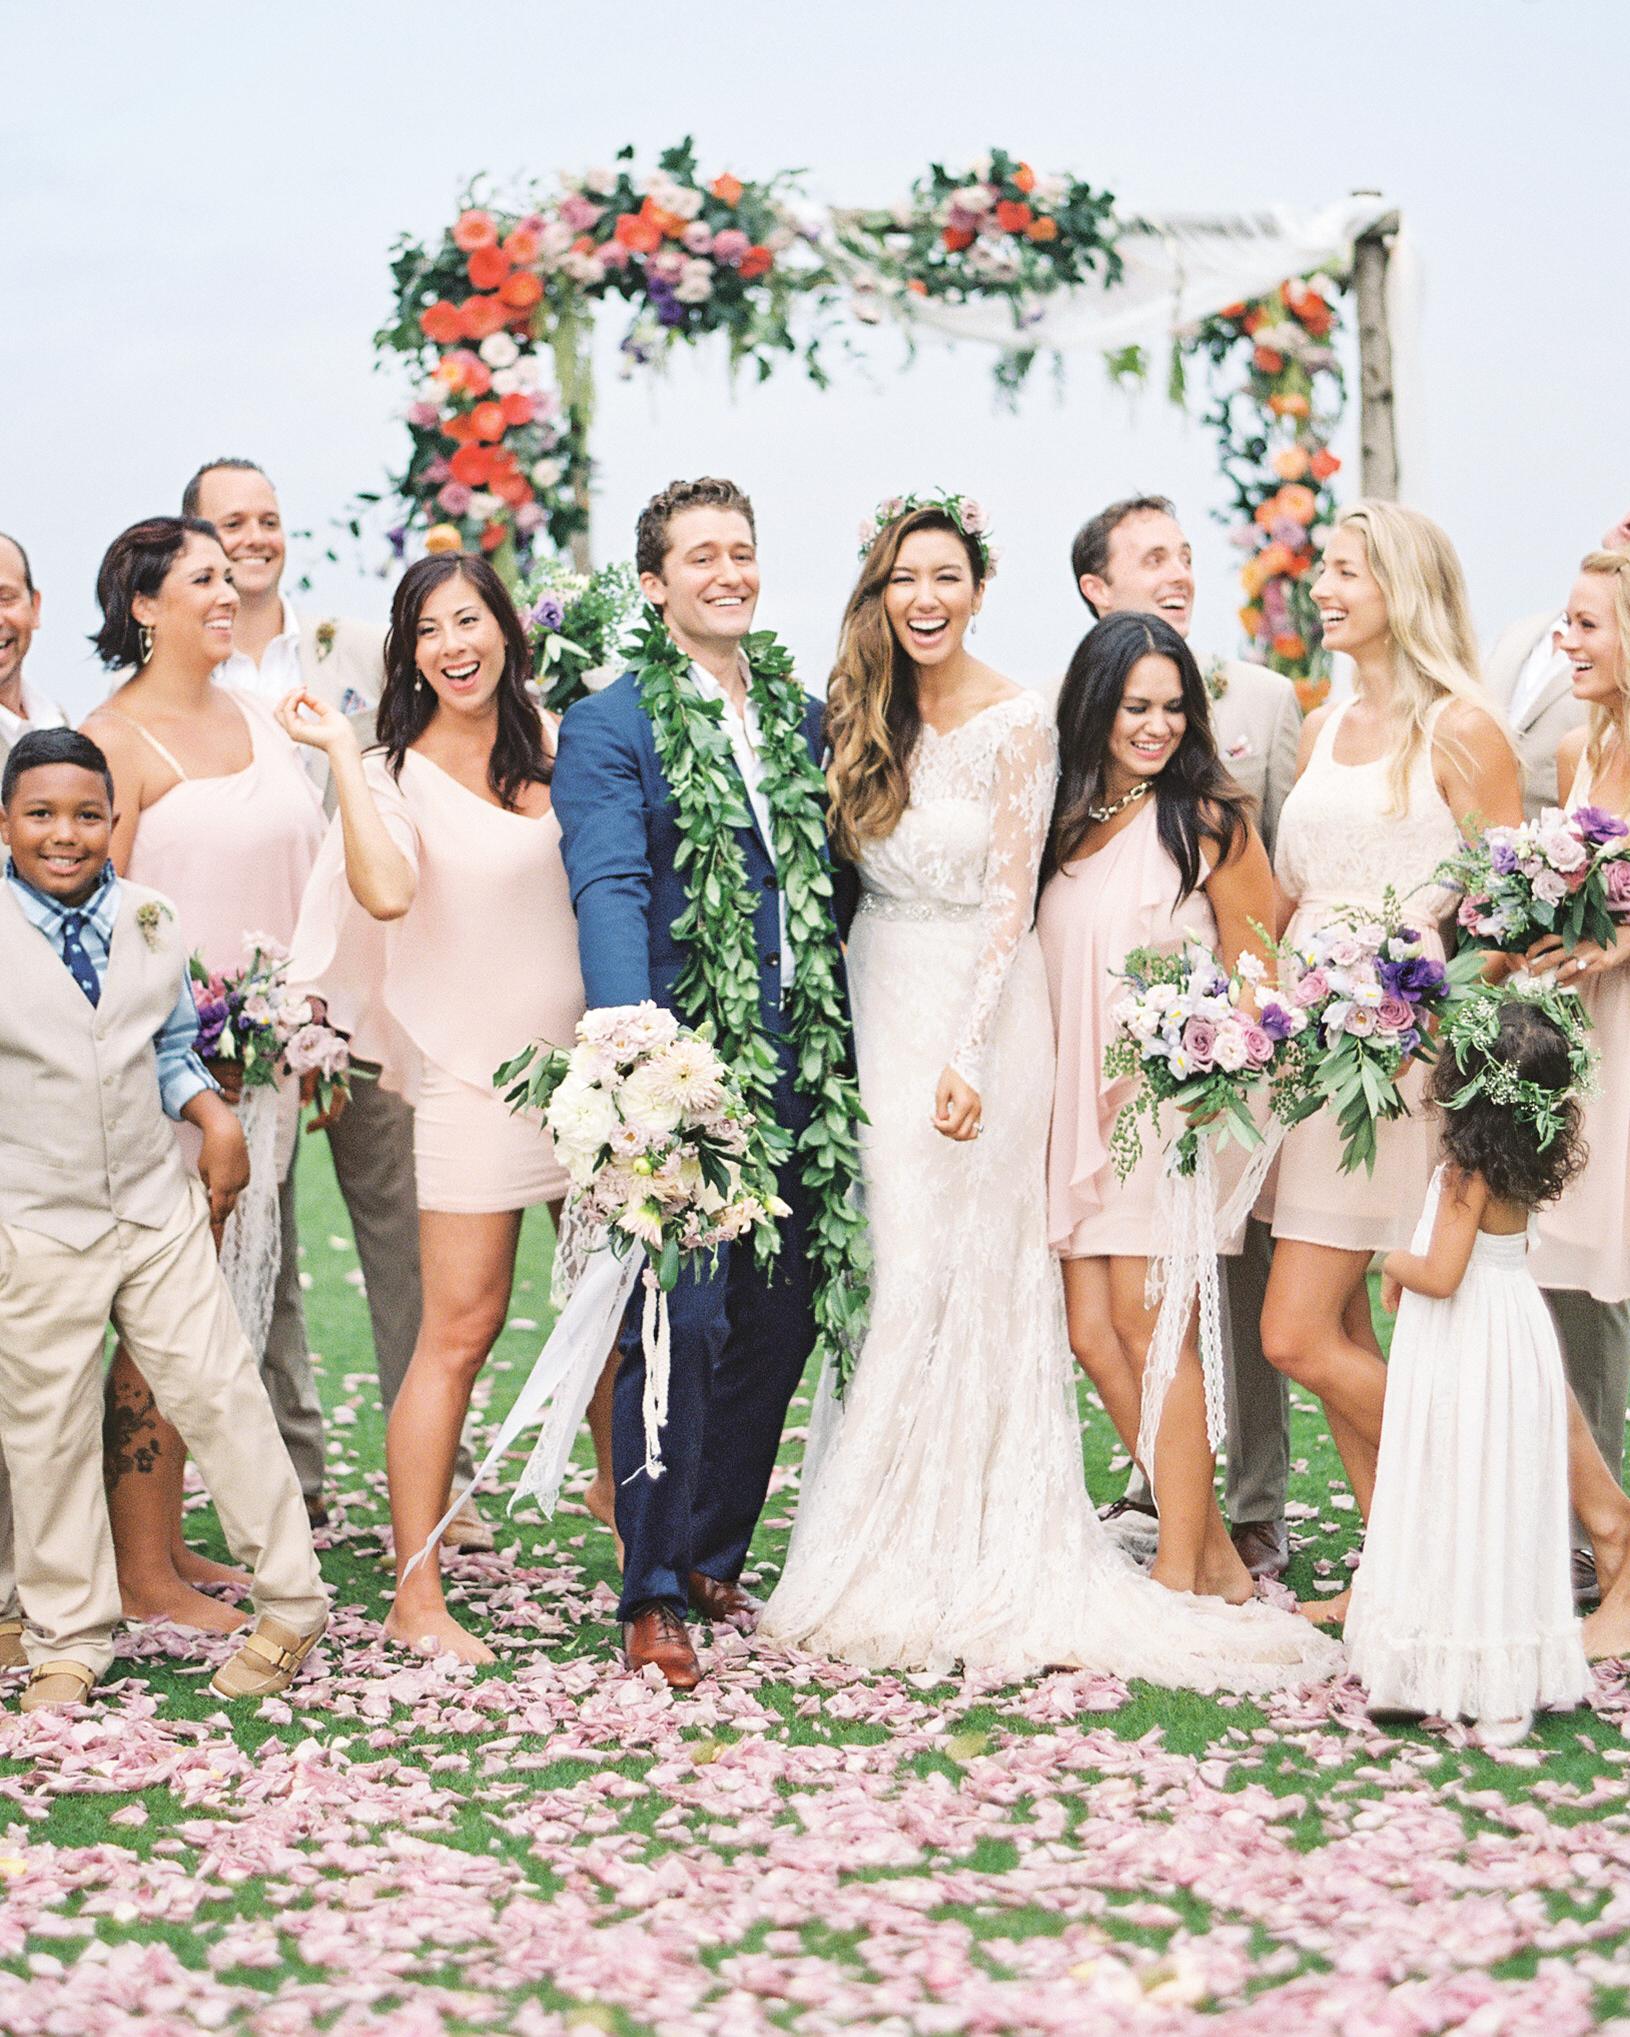 renee-matthew-wedding-maui-hawaii-011-s111851.jpg